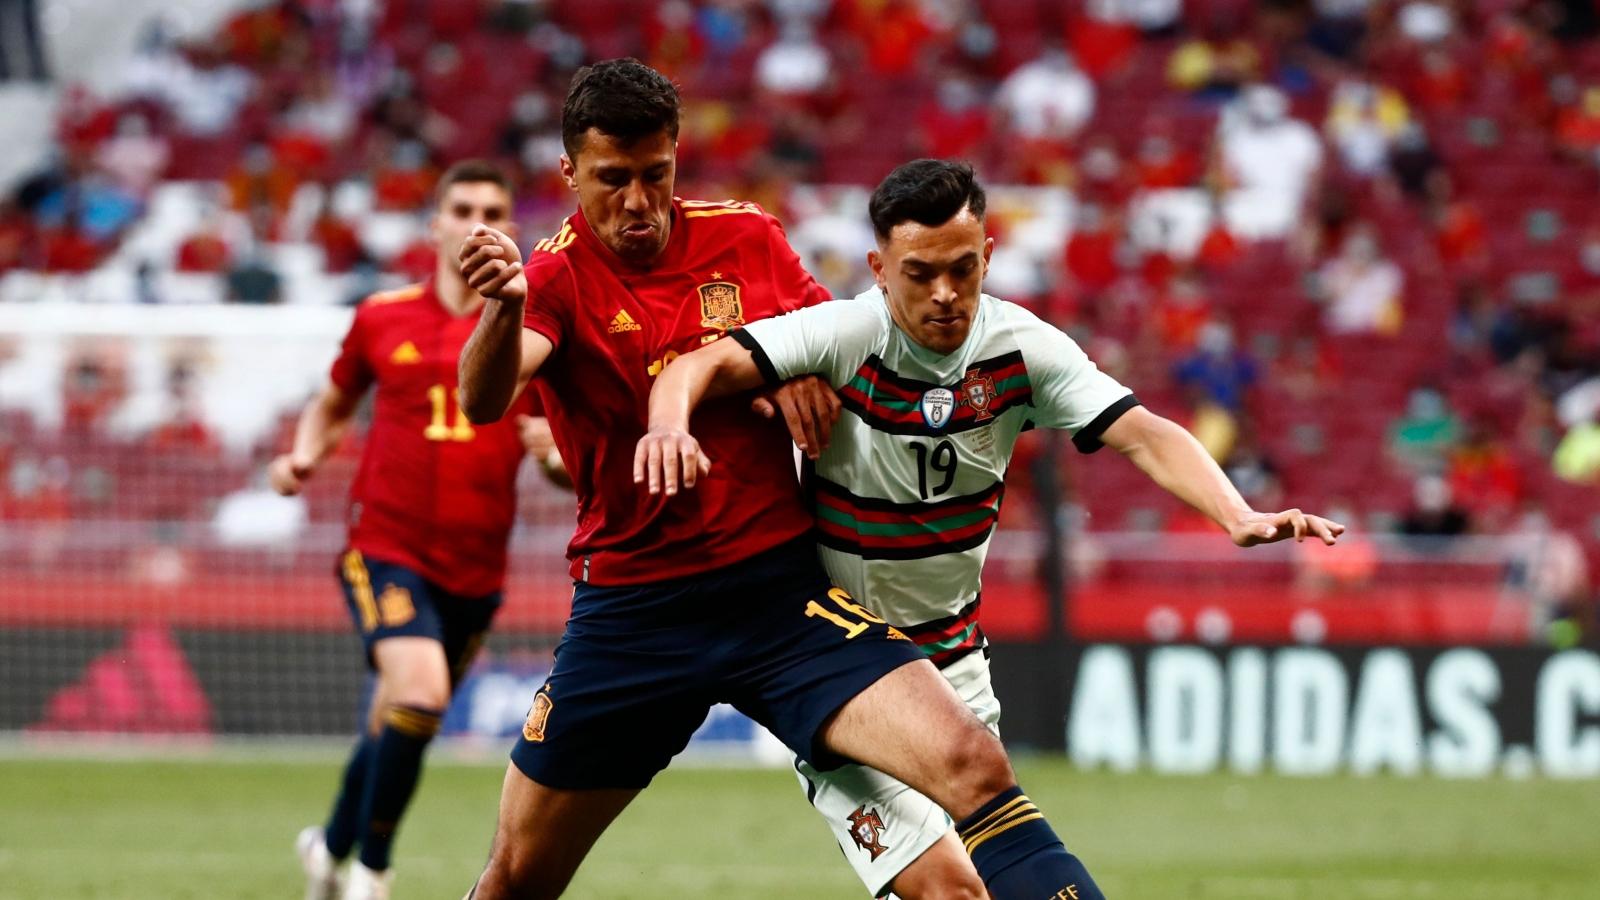 Tây Ban Nha và Bồ Đào Nha cưa điểm, Italia thắng 4 sao trước Cộng hòa Séc